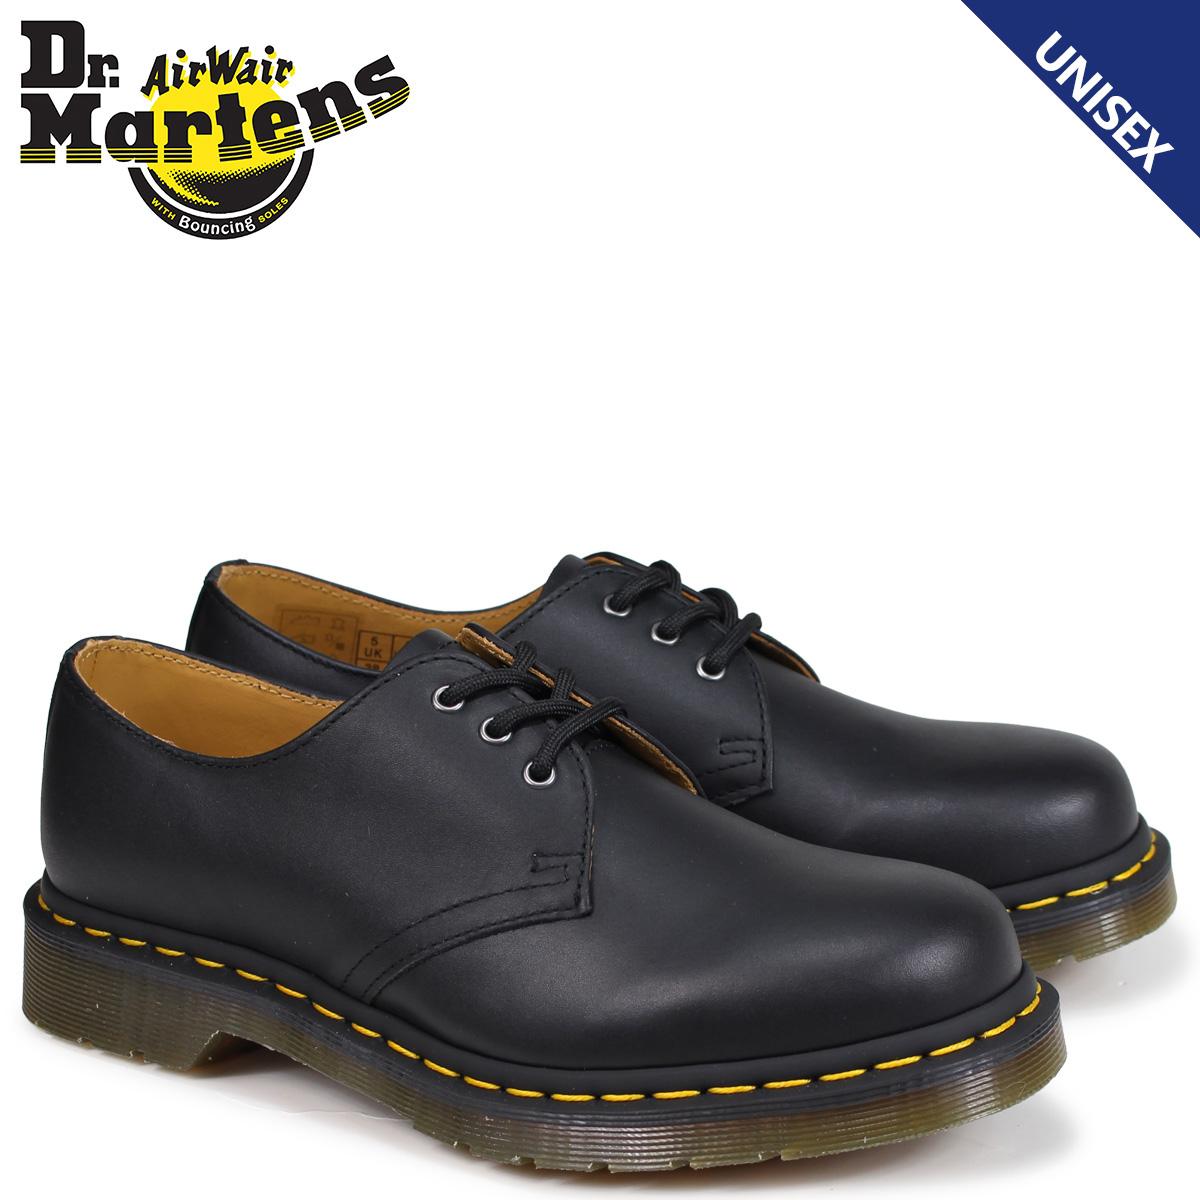 Dr.Martens ドクターマーチン 1461 3ホール シューズ レディース 3EYE GIBSON SHOES ブラック 黒 R11838001